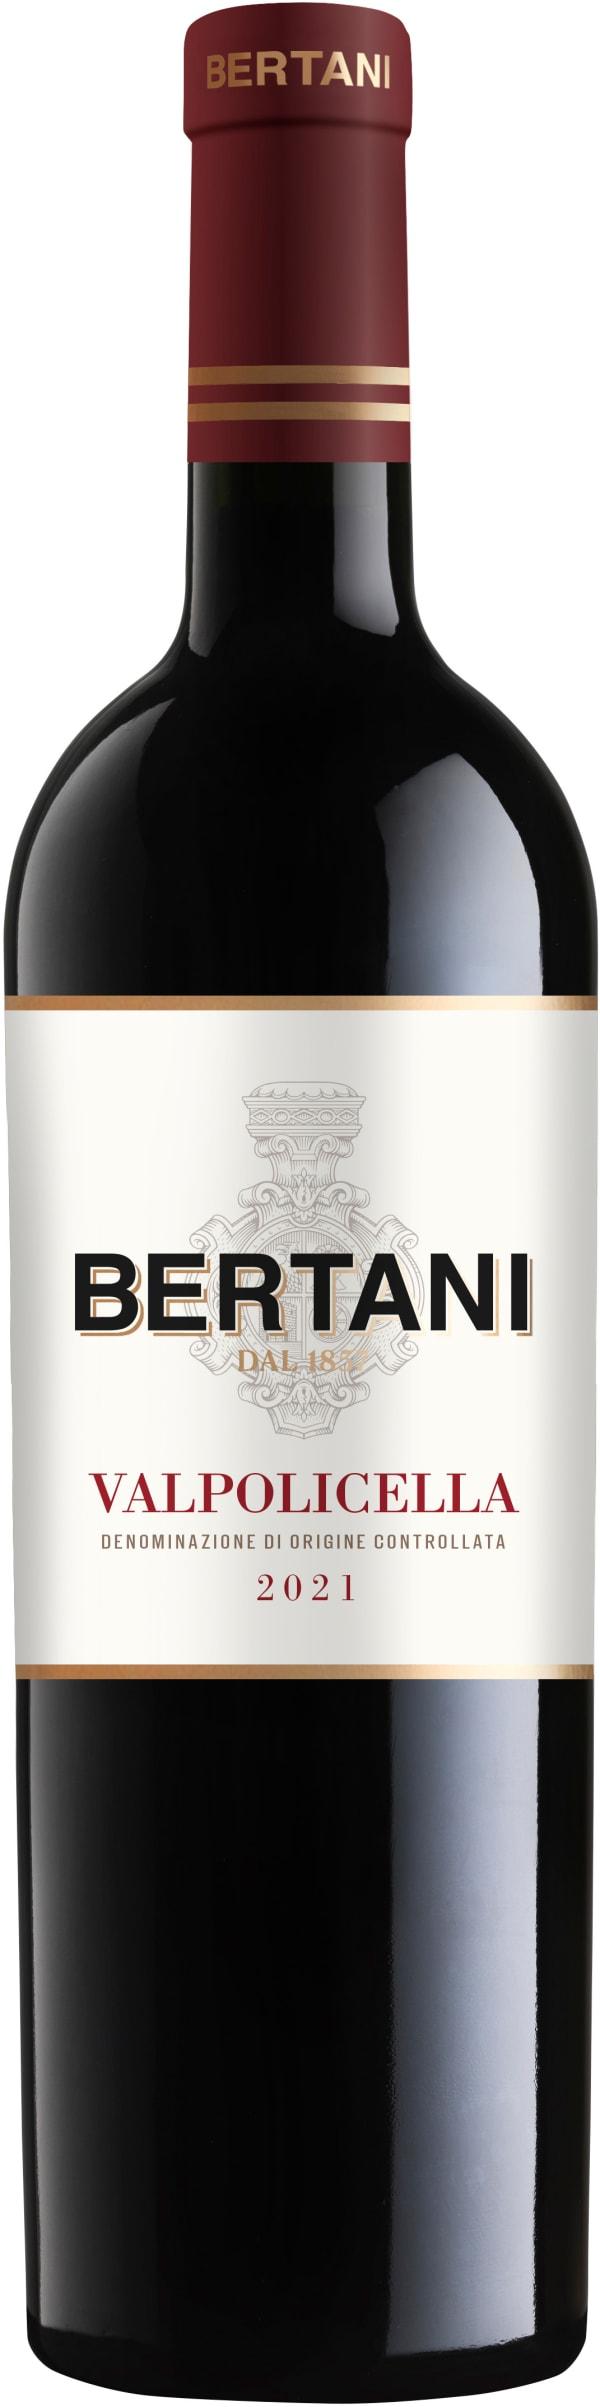 Bertani Valpolicella 2018 presentförpackning